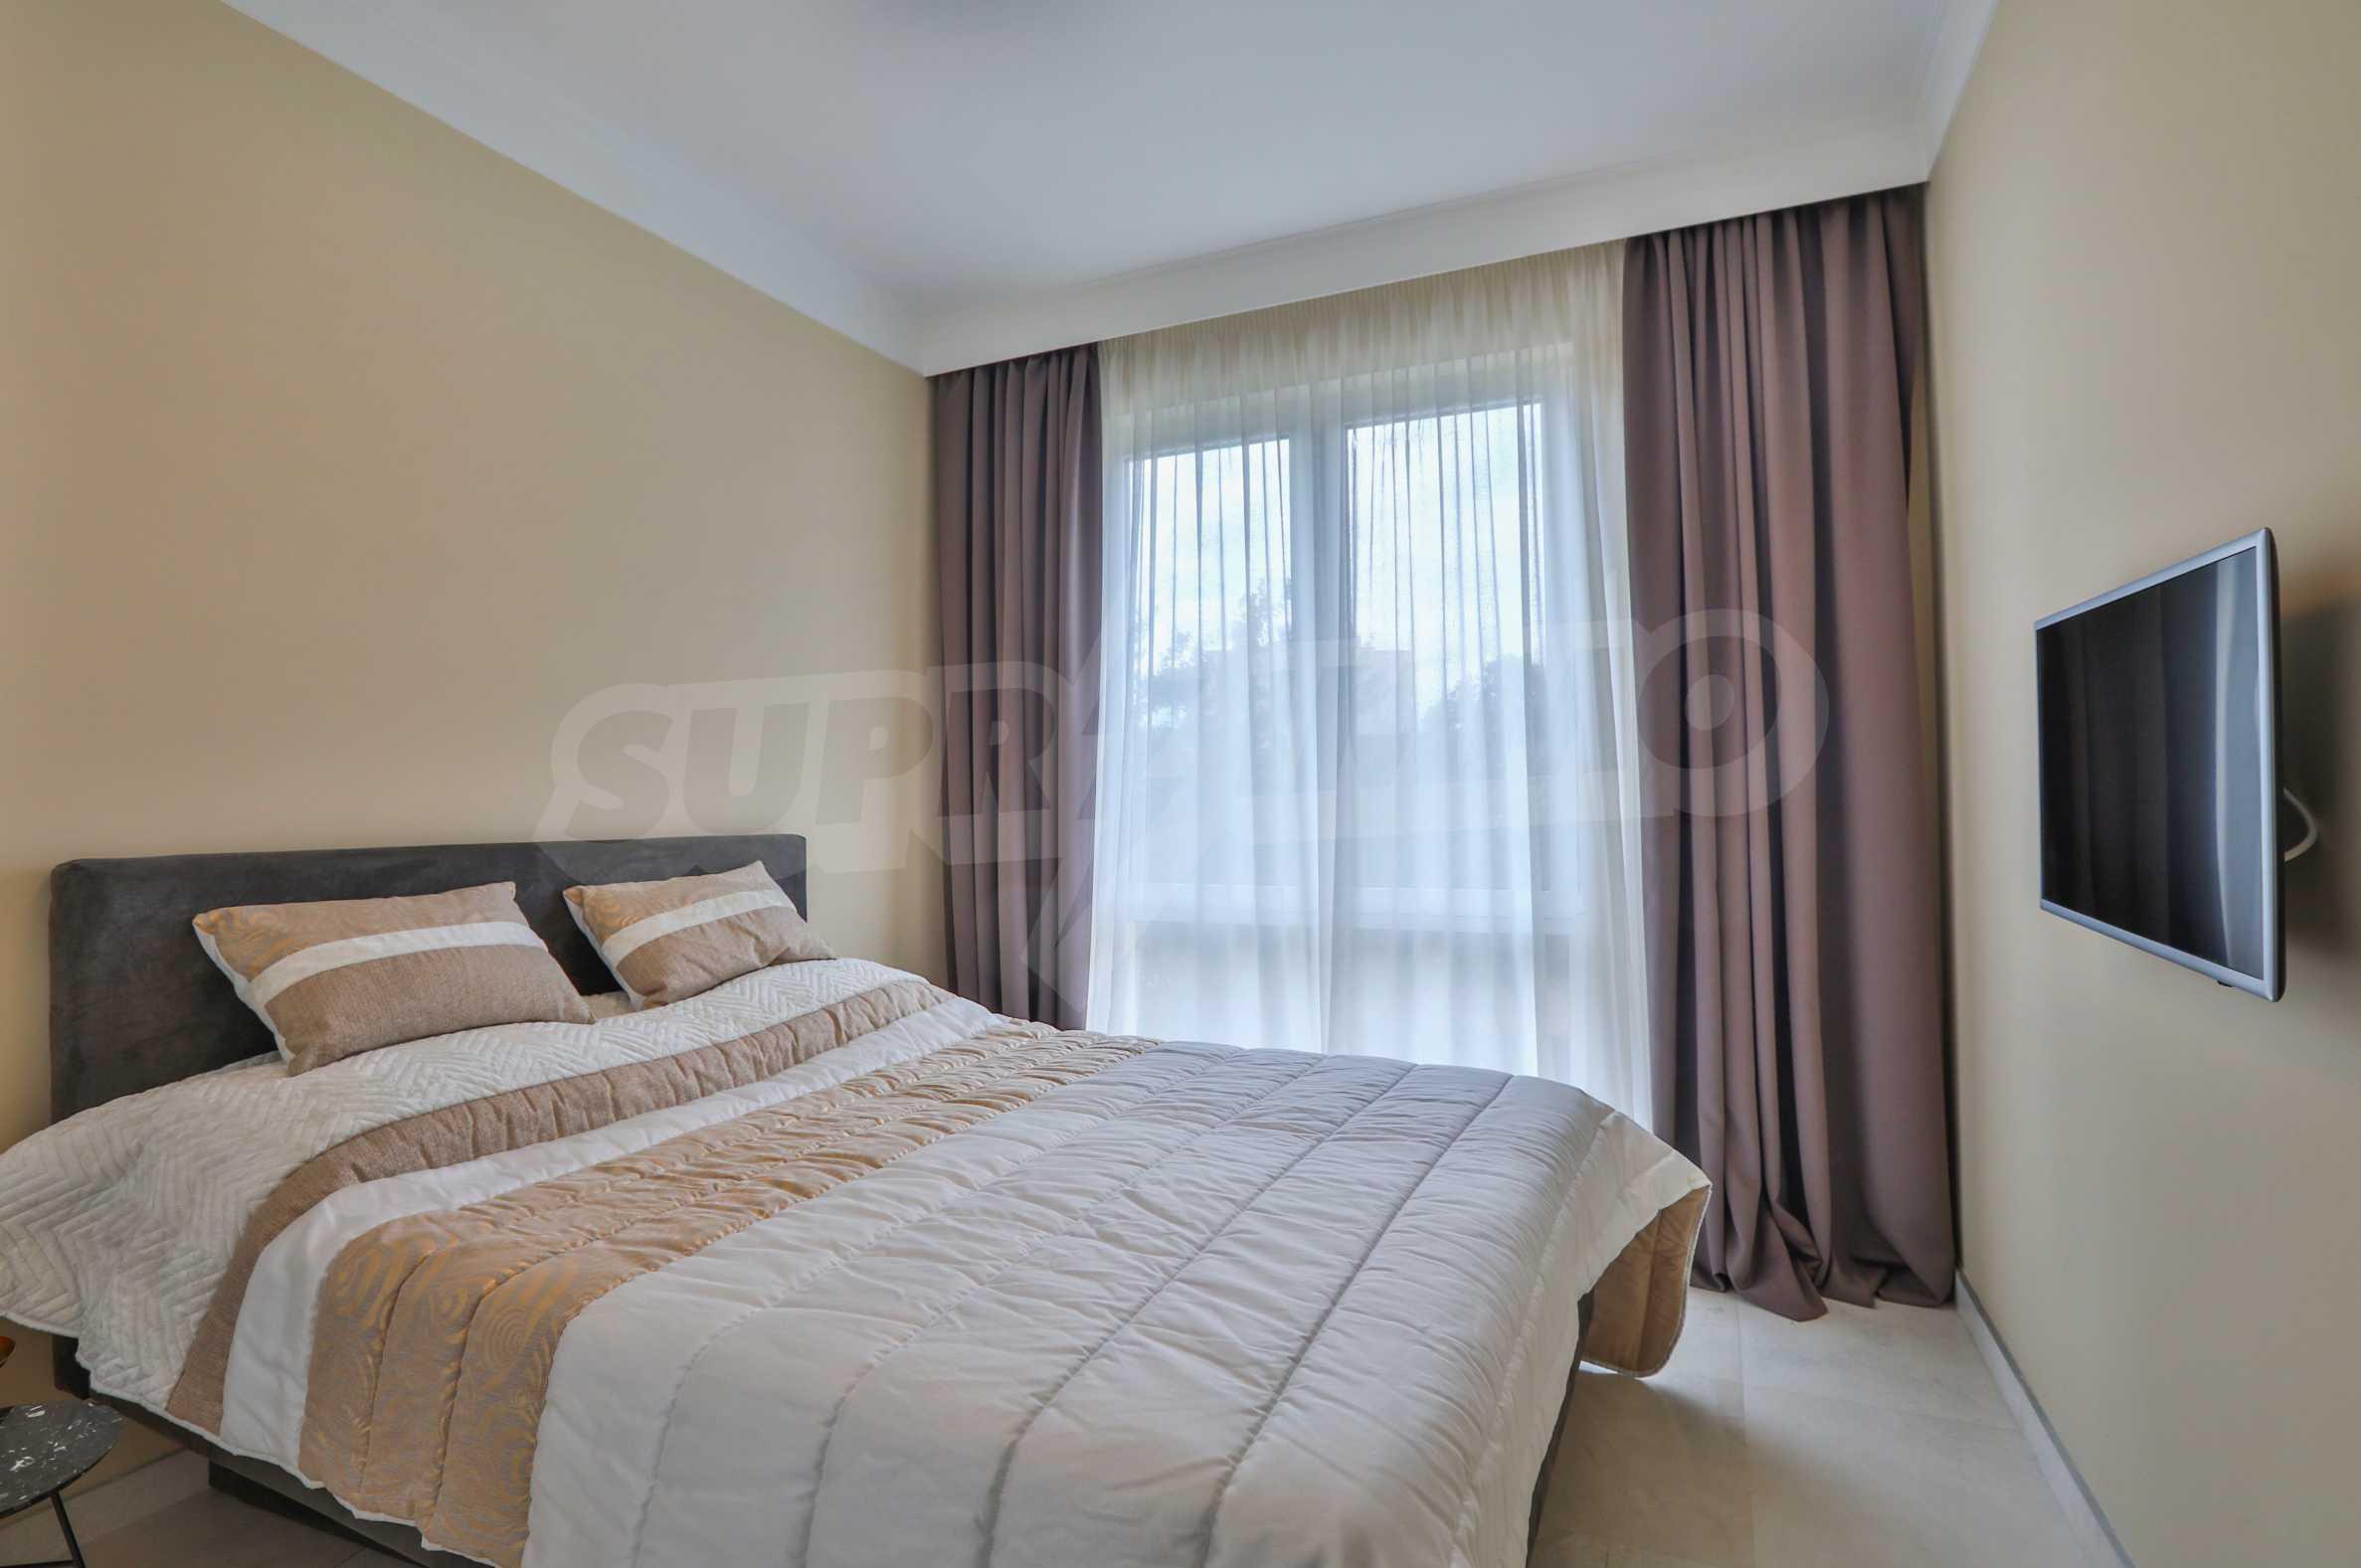 Дизайнерски апартамент с 2 спални в луксозната морска резиденция Belle Époque в Лозенец 19